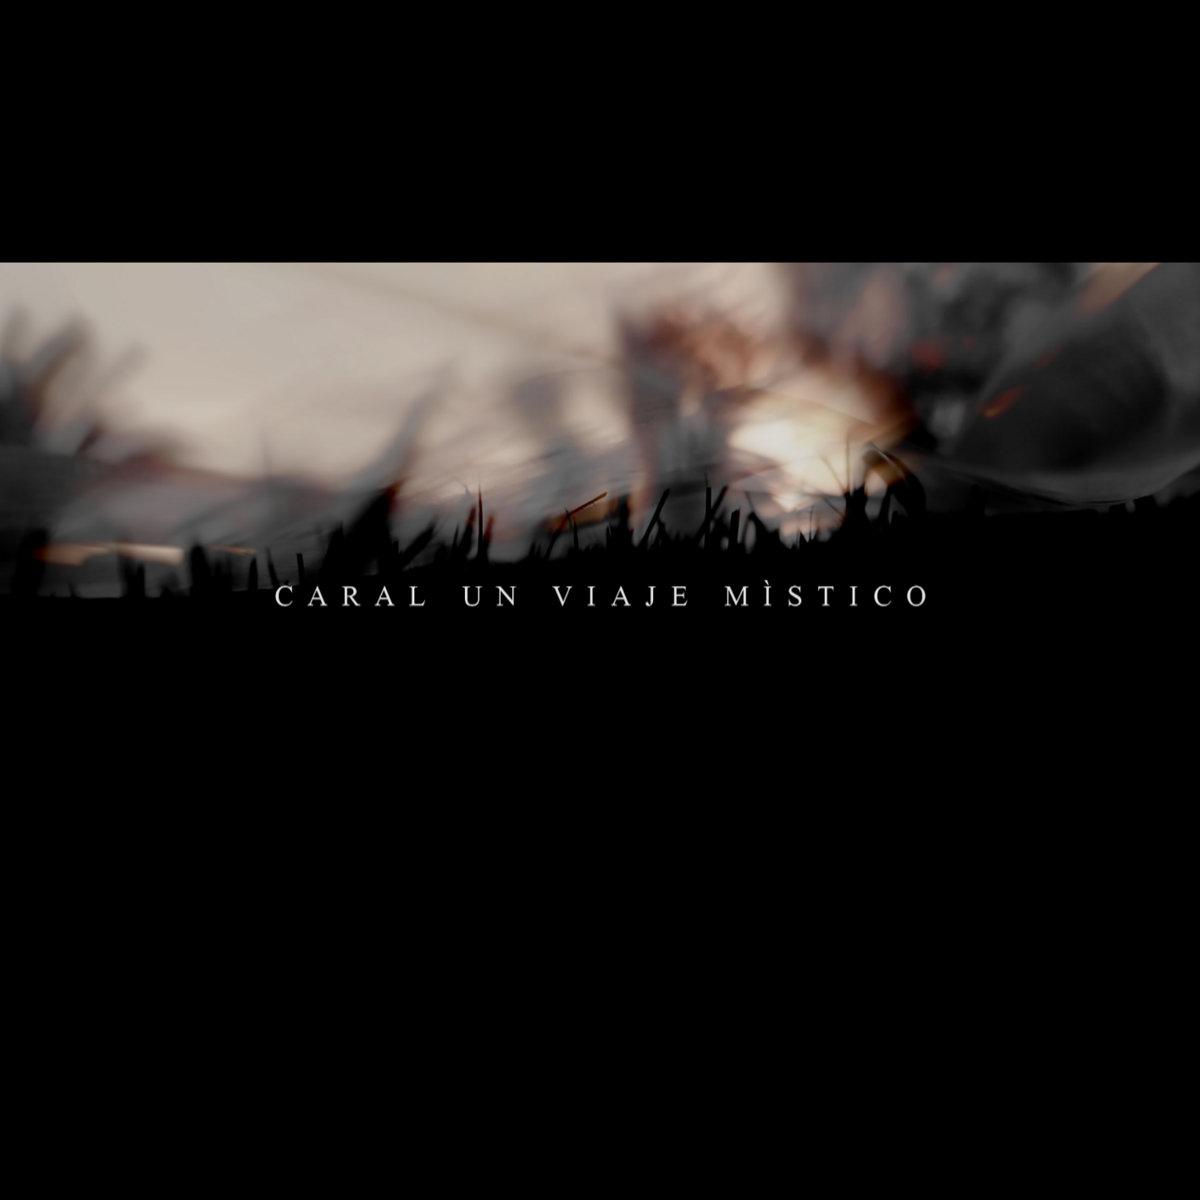 https://dhaturarecords.bandcamp.com/album/caral-un-viaje-mistico-vol-1